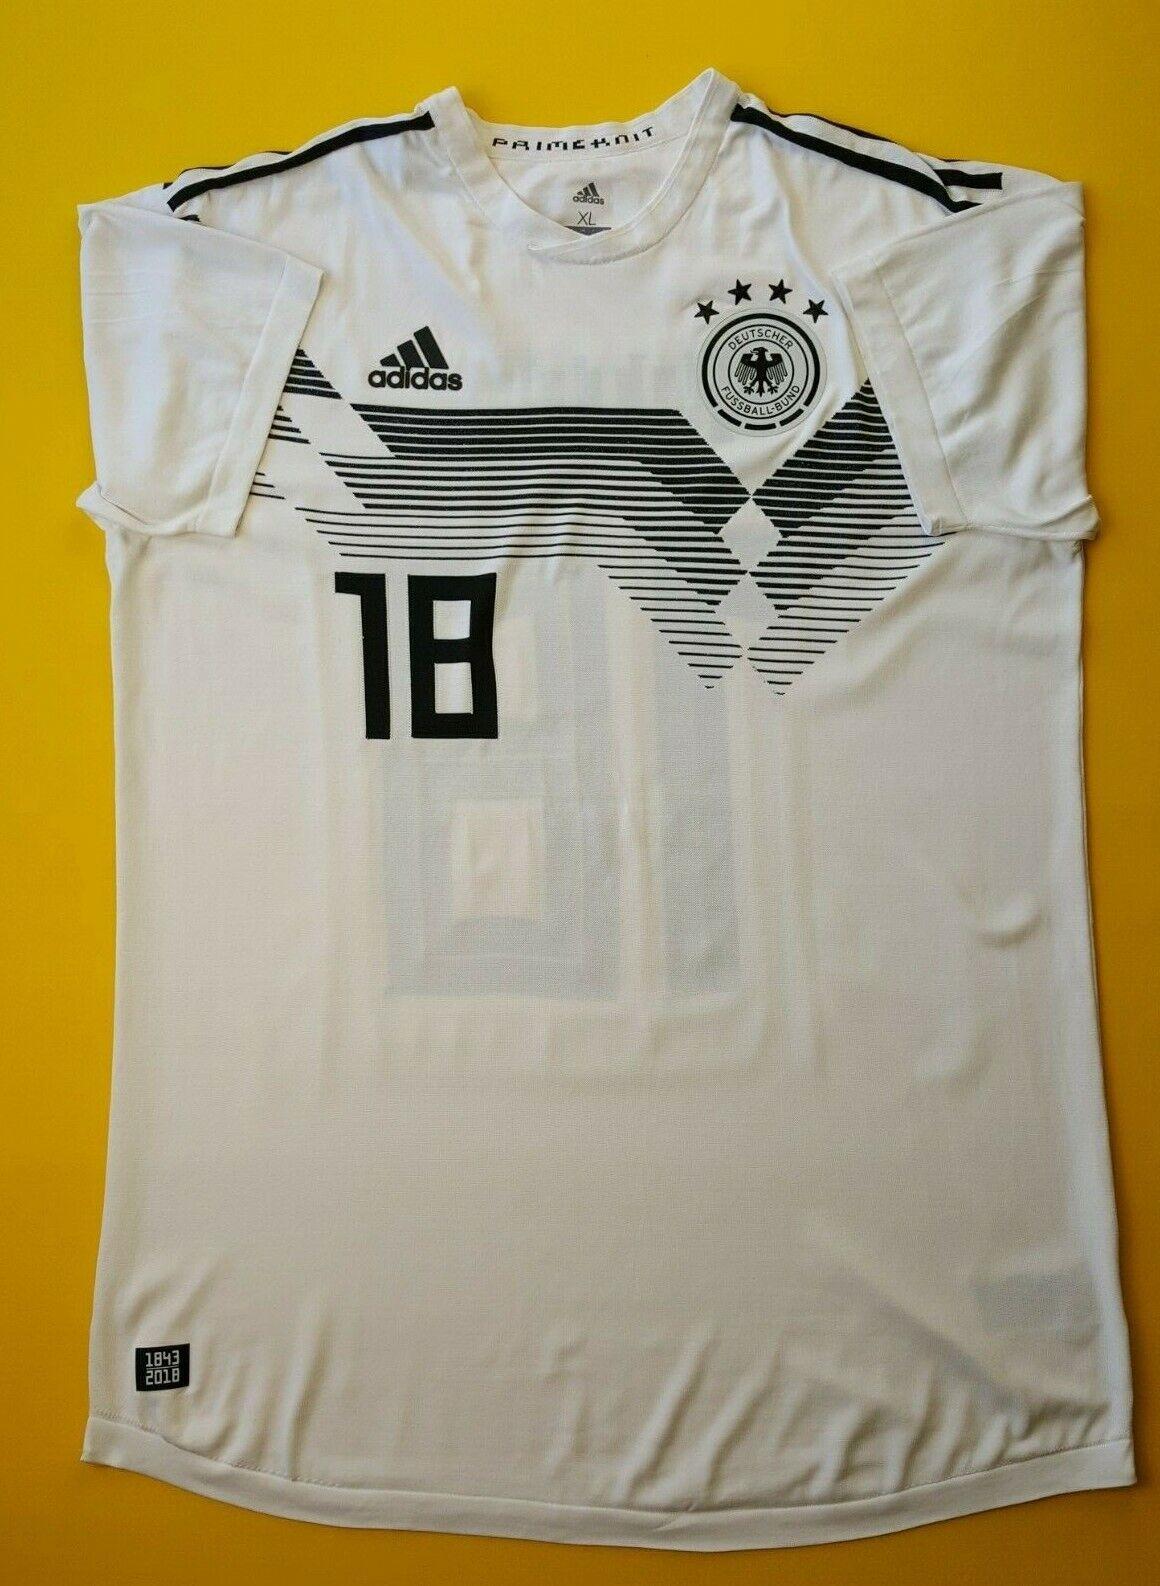 4.9 5 Adidas Alemania Fútbol Jersey Camisa de fútbol de CE8462 ig93 2018 XL